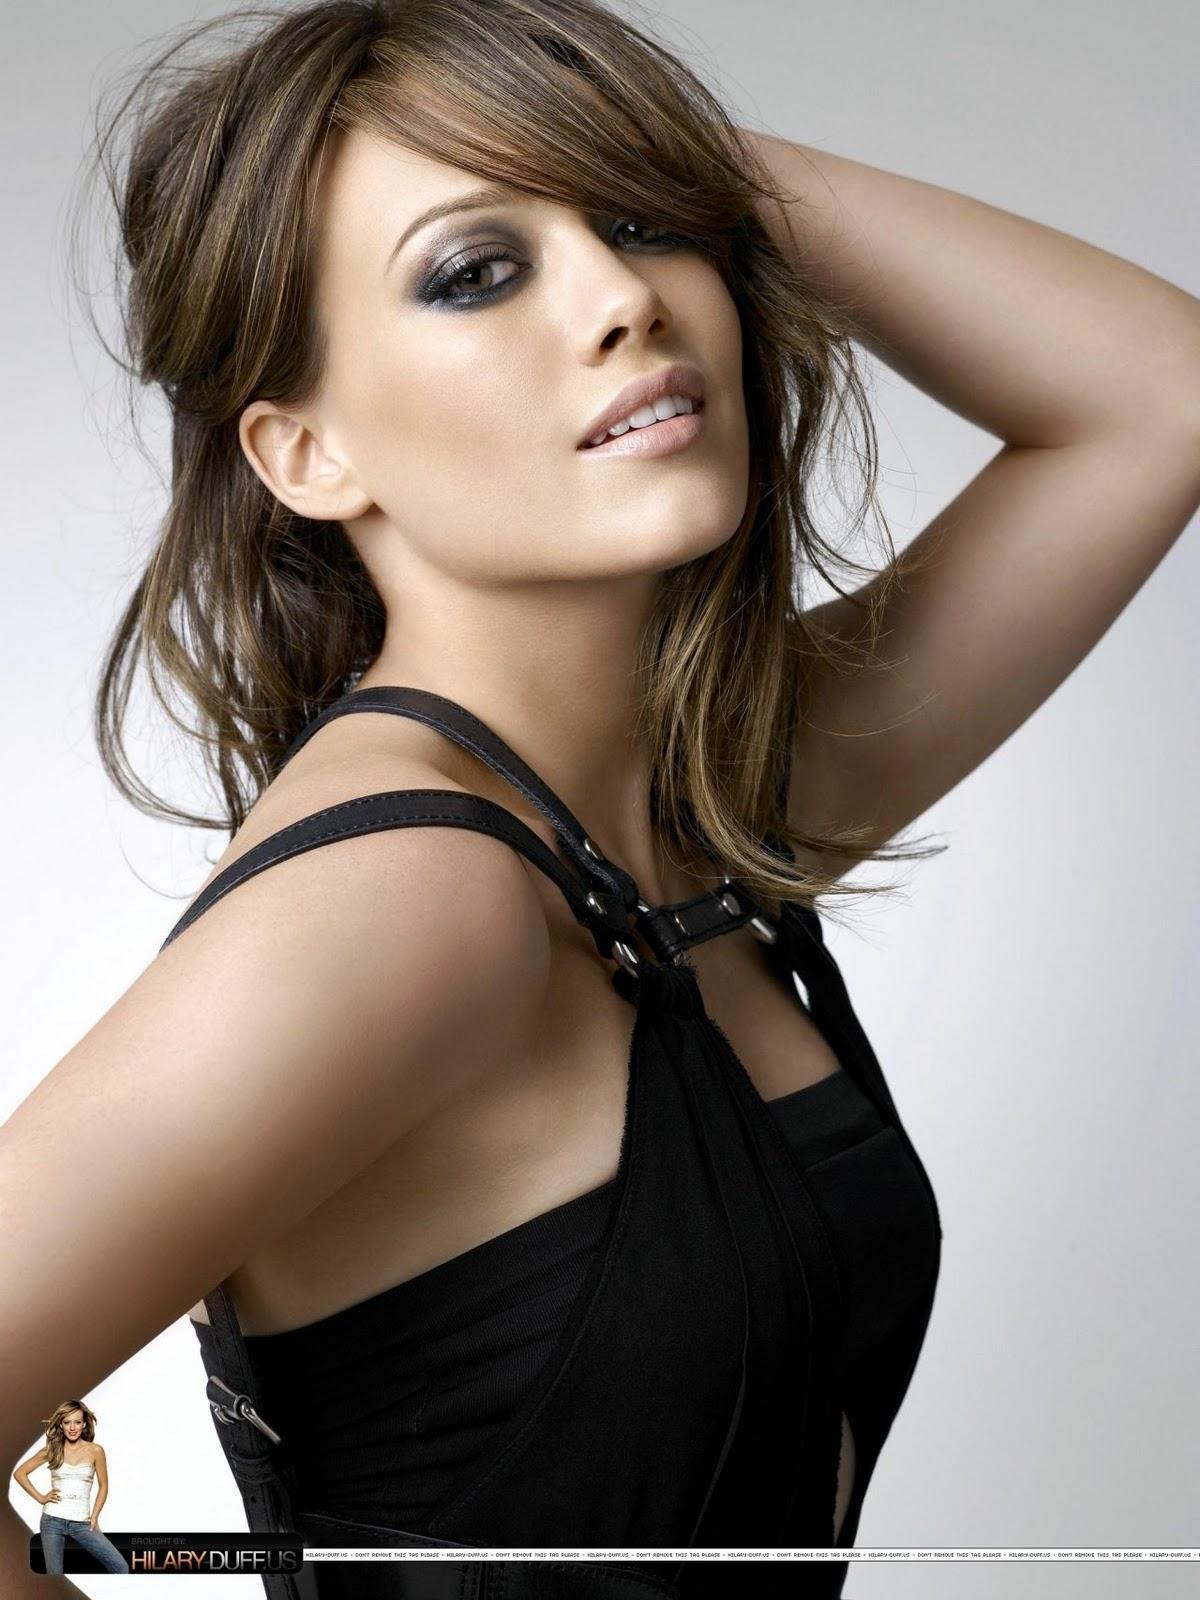 http://4.bp.blogspot.com/-GHspZvFr1Hw/TWN1Ktkt1DI/AAAAAAAAAPE/iU8v8ranpFc/s1600/Hilary-Duff-1146160.jpg